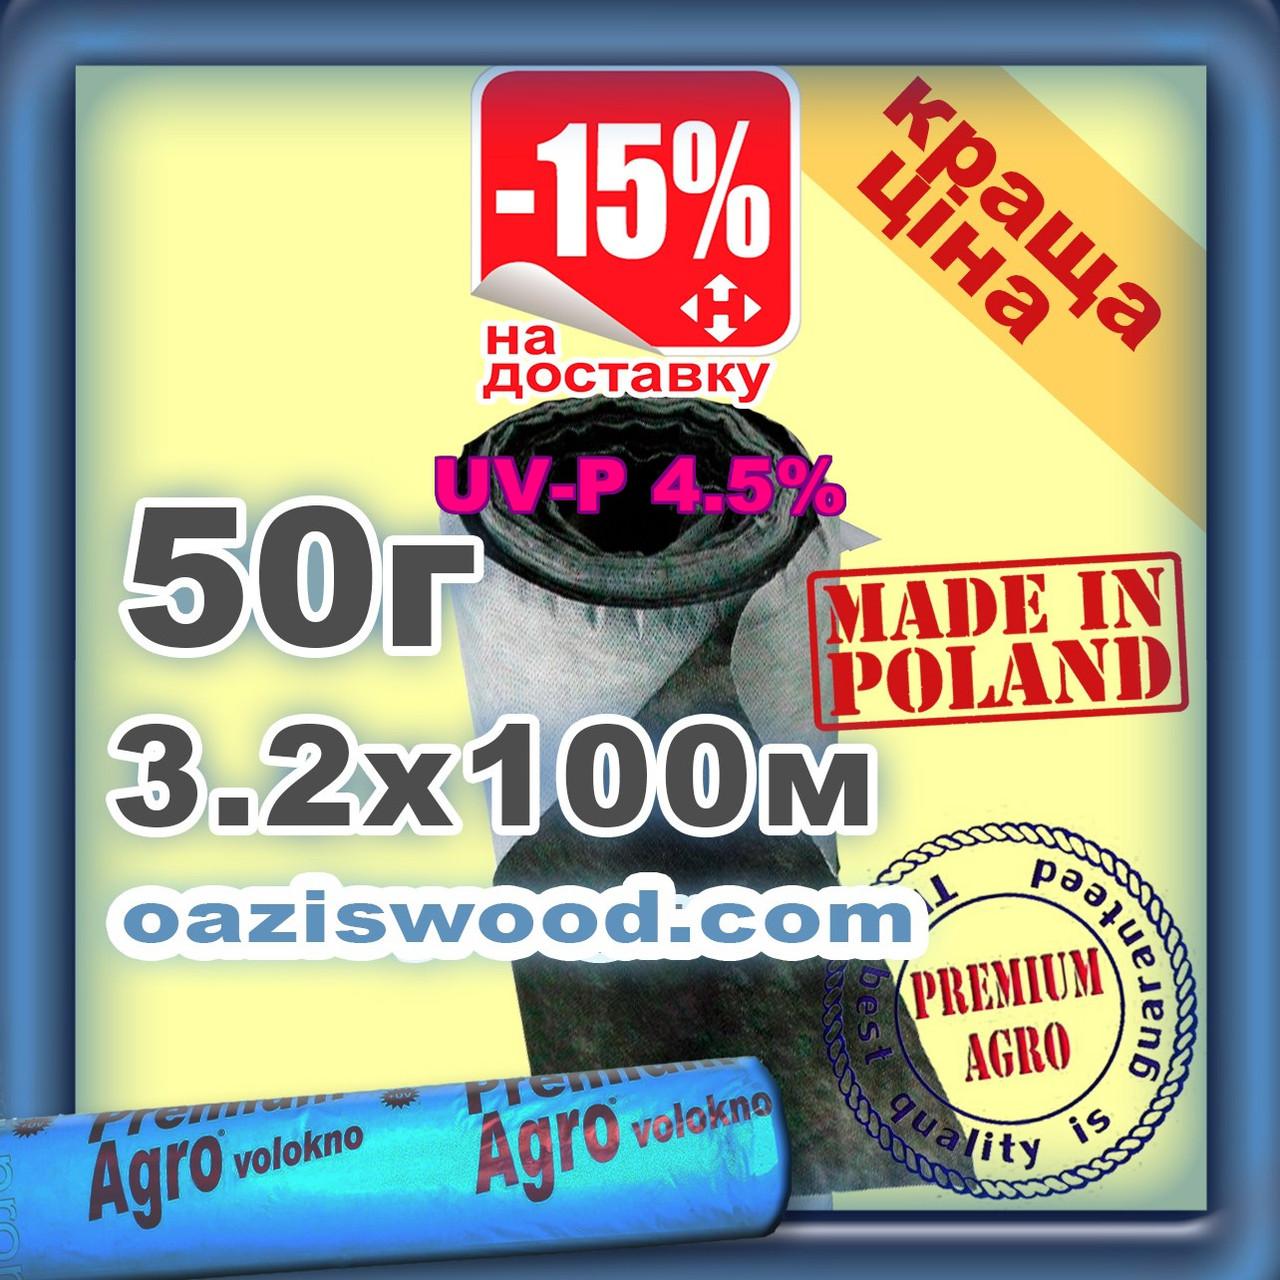 Агроволокно p-50g 3.2*100м черно-белое UV-P 4.5% Premium-Agro Польша